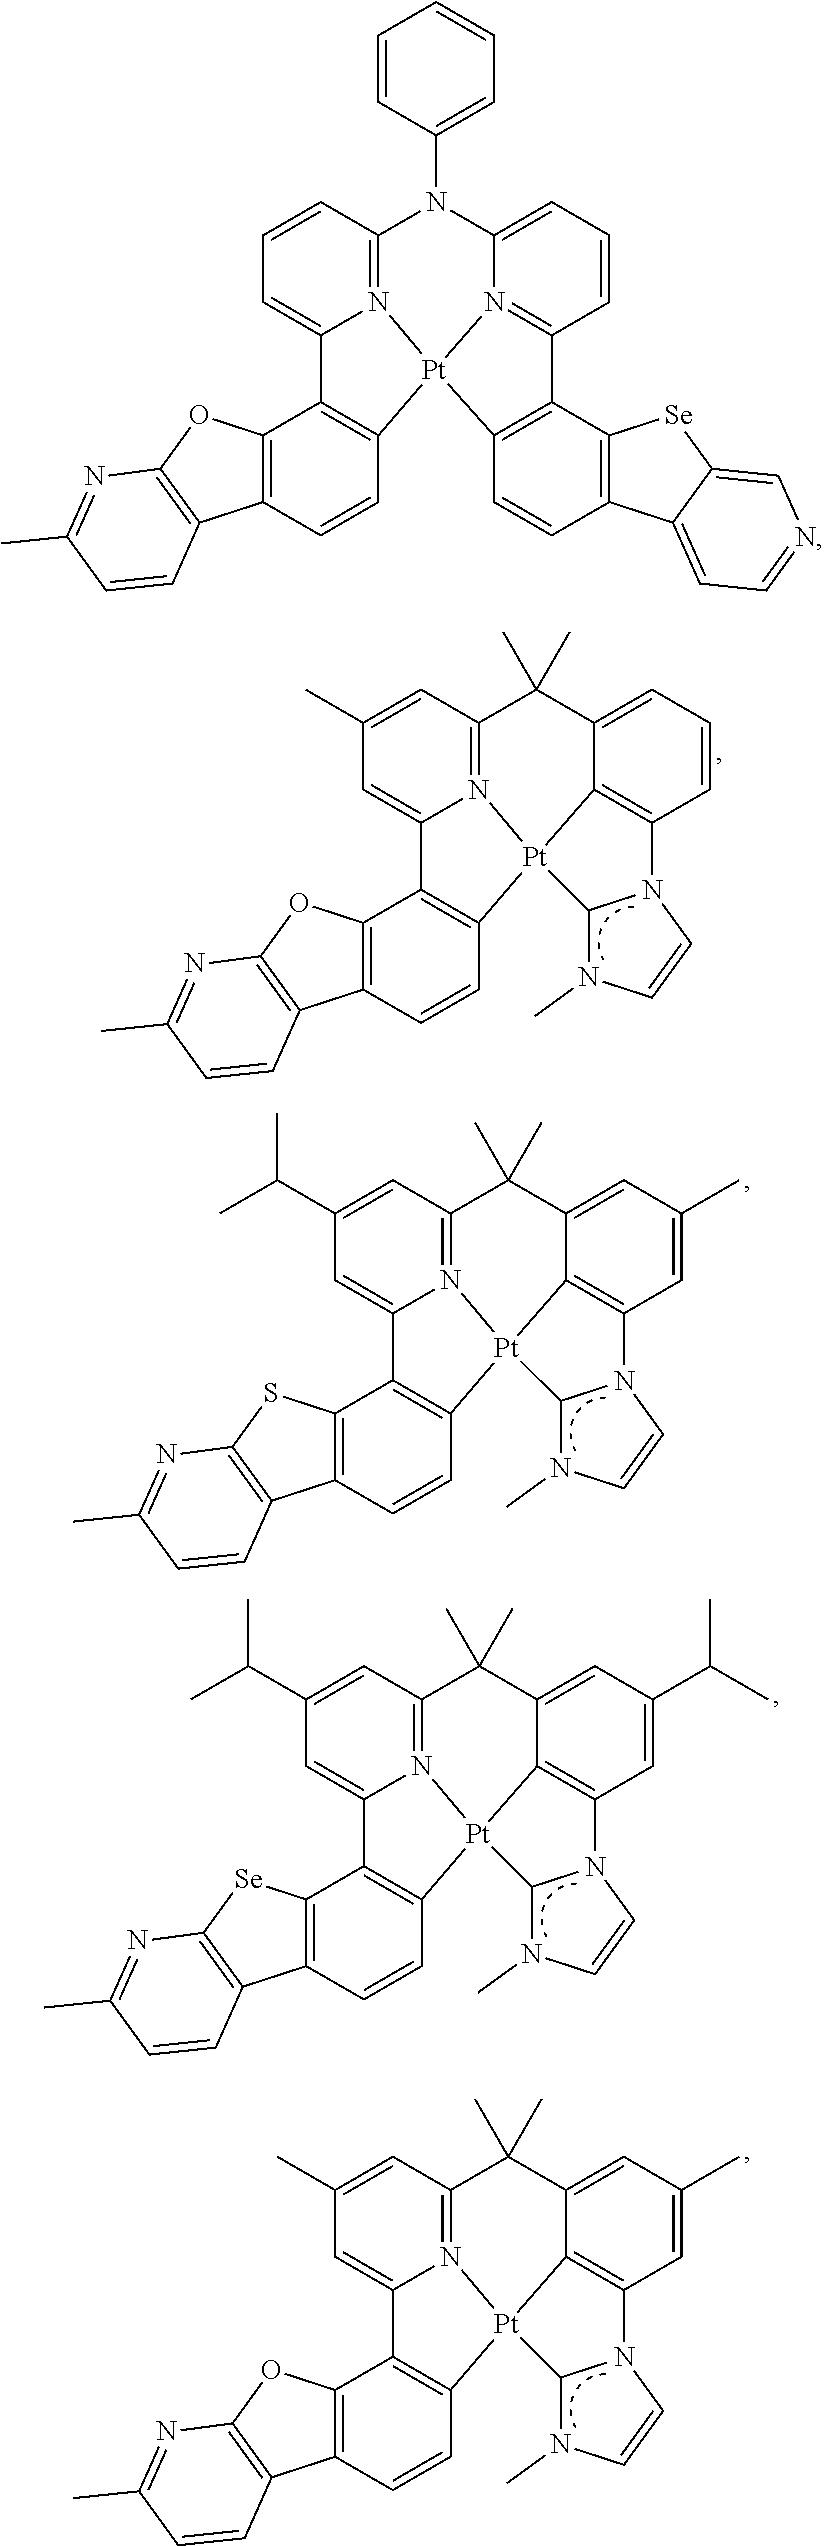 Figure US09871214-20180116-C00043